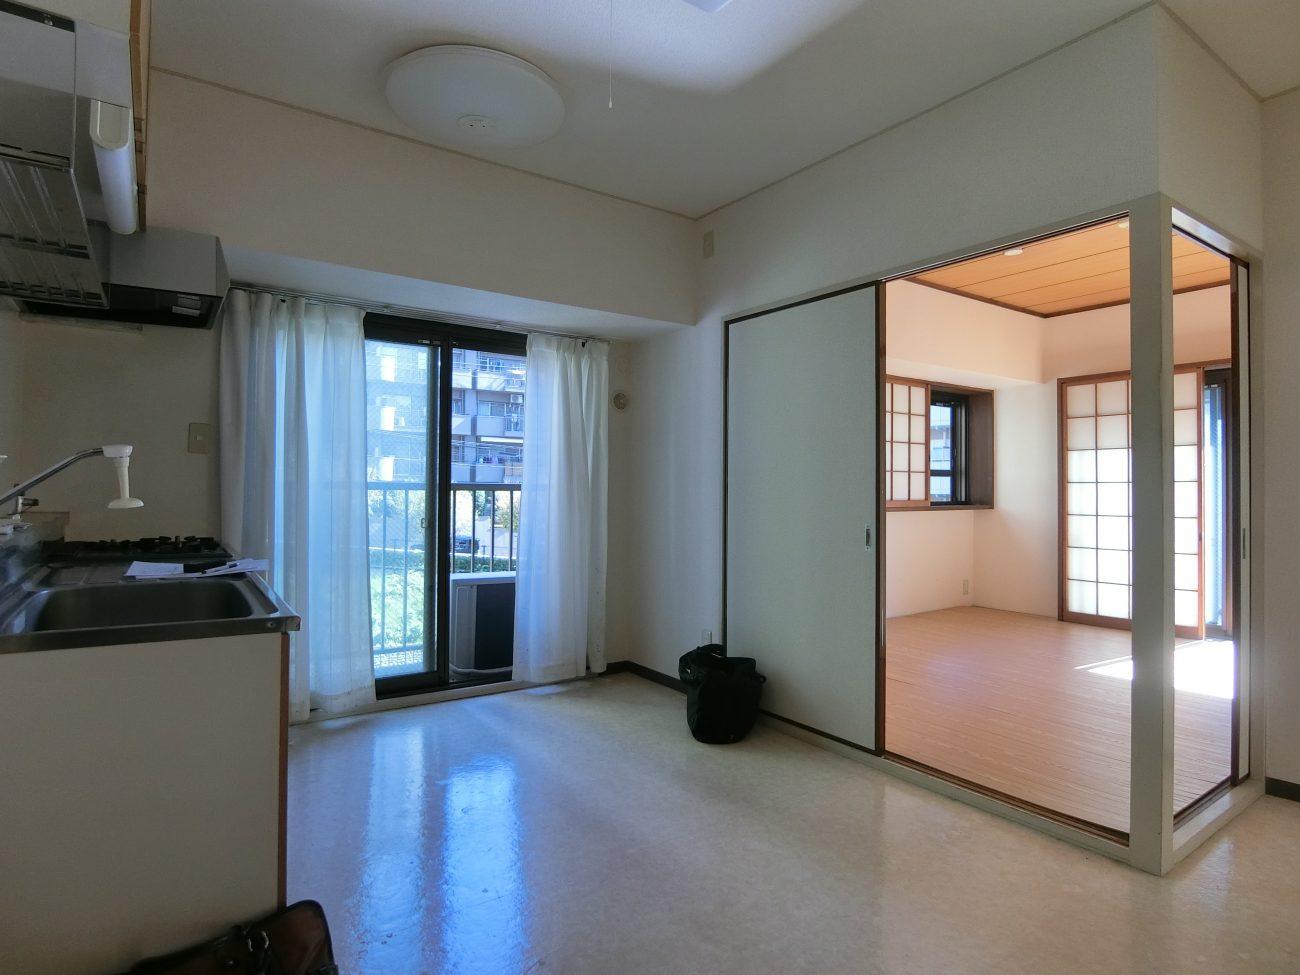 目黒 築40年ヴィンテージマンション リモートワーク用書斎付きフルリノベで賃料UP・即満室の画像